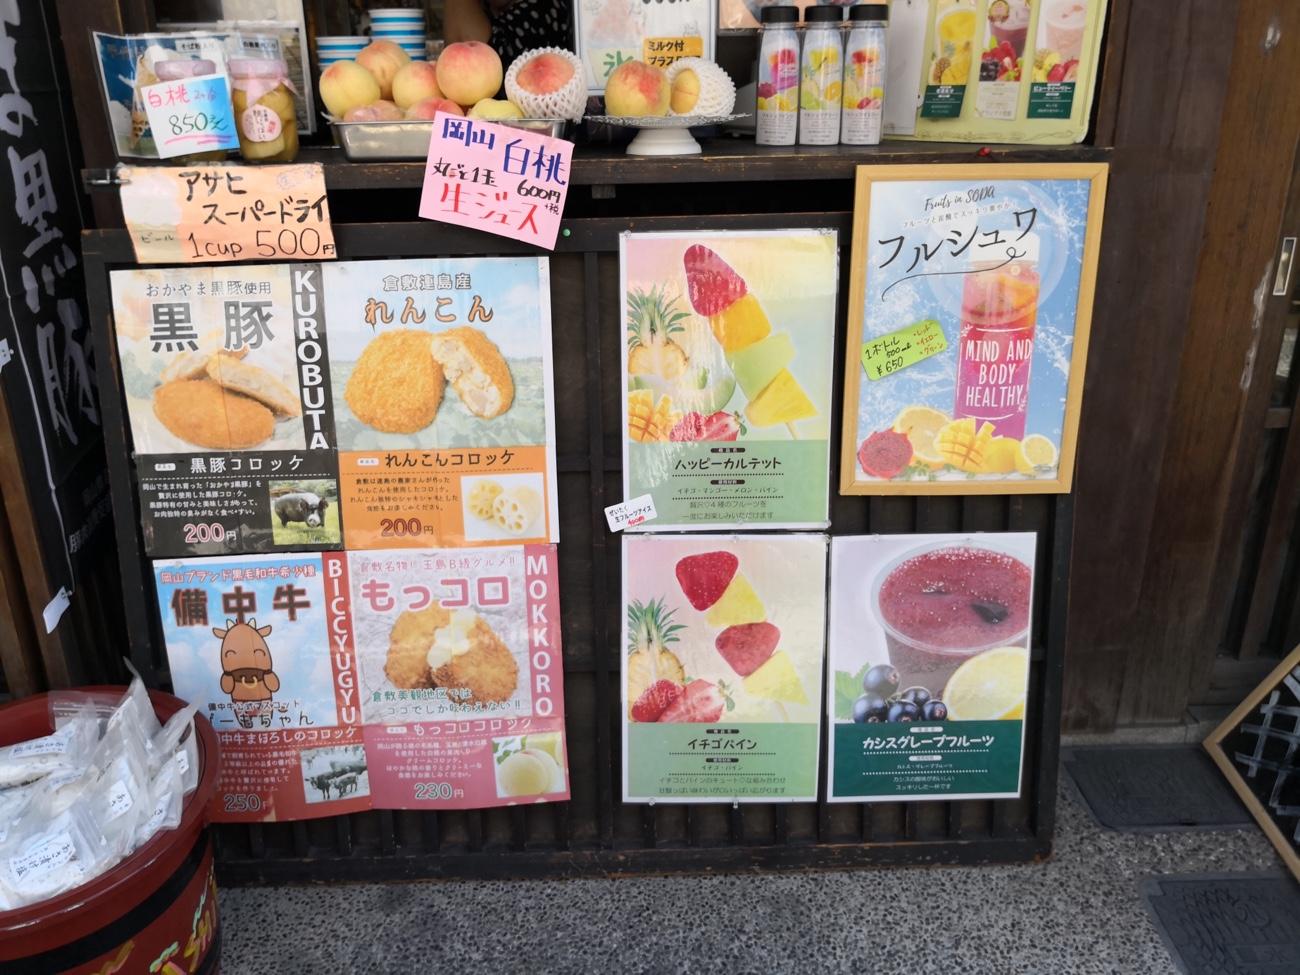 桃100%ジュース 倉敷美観地区 食べ歩きメニュー